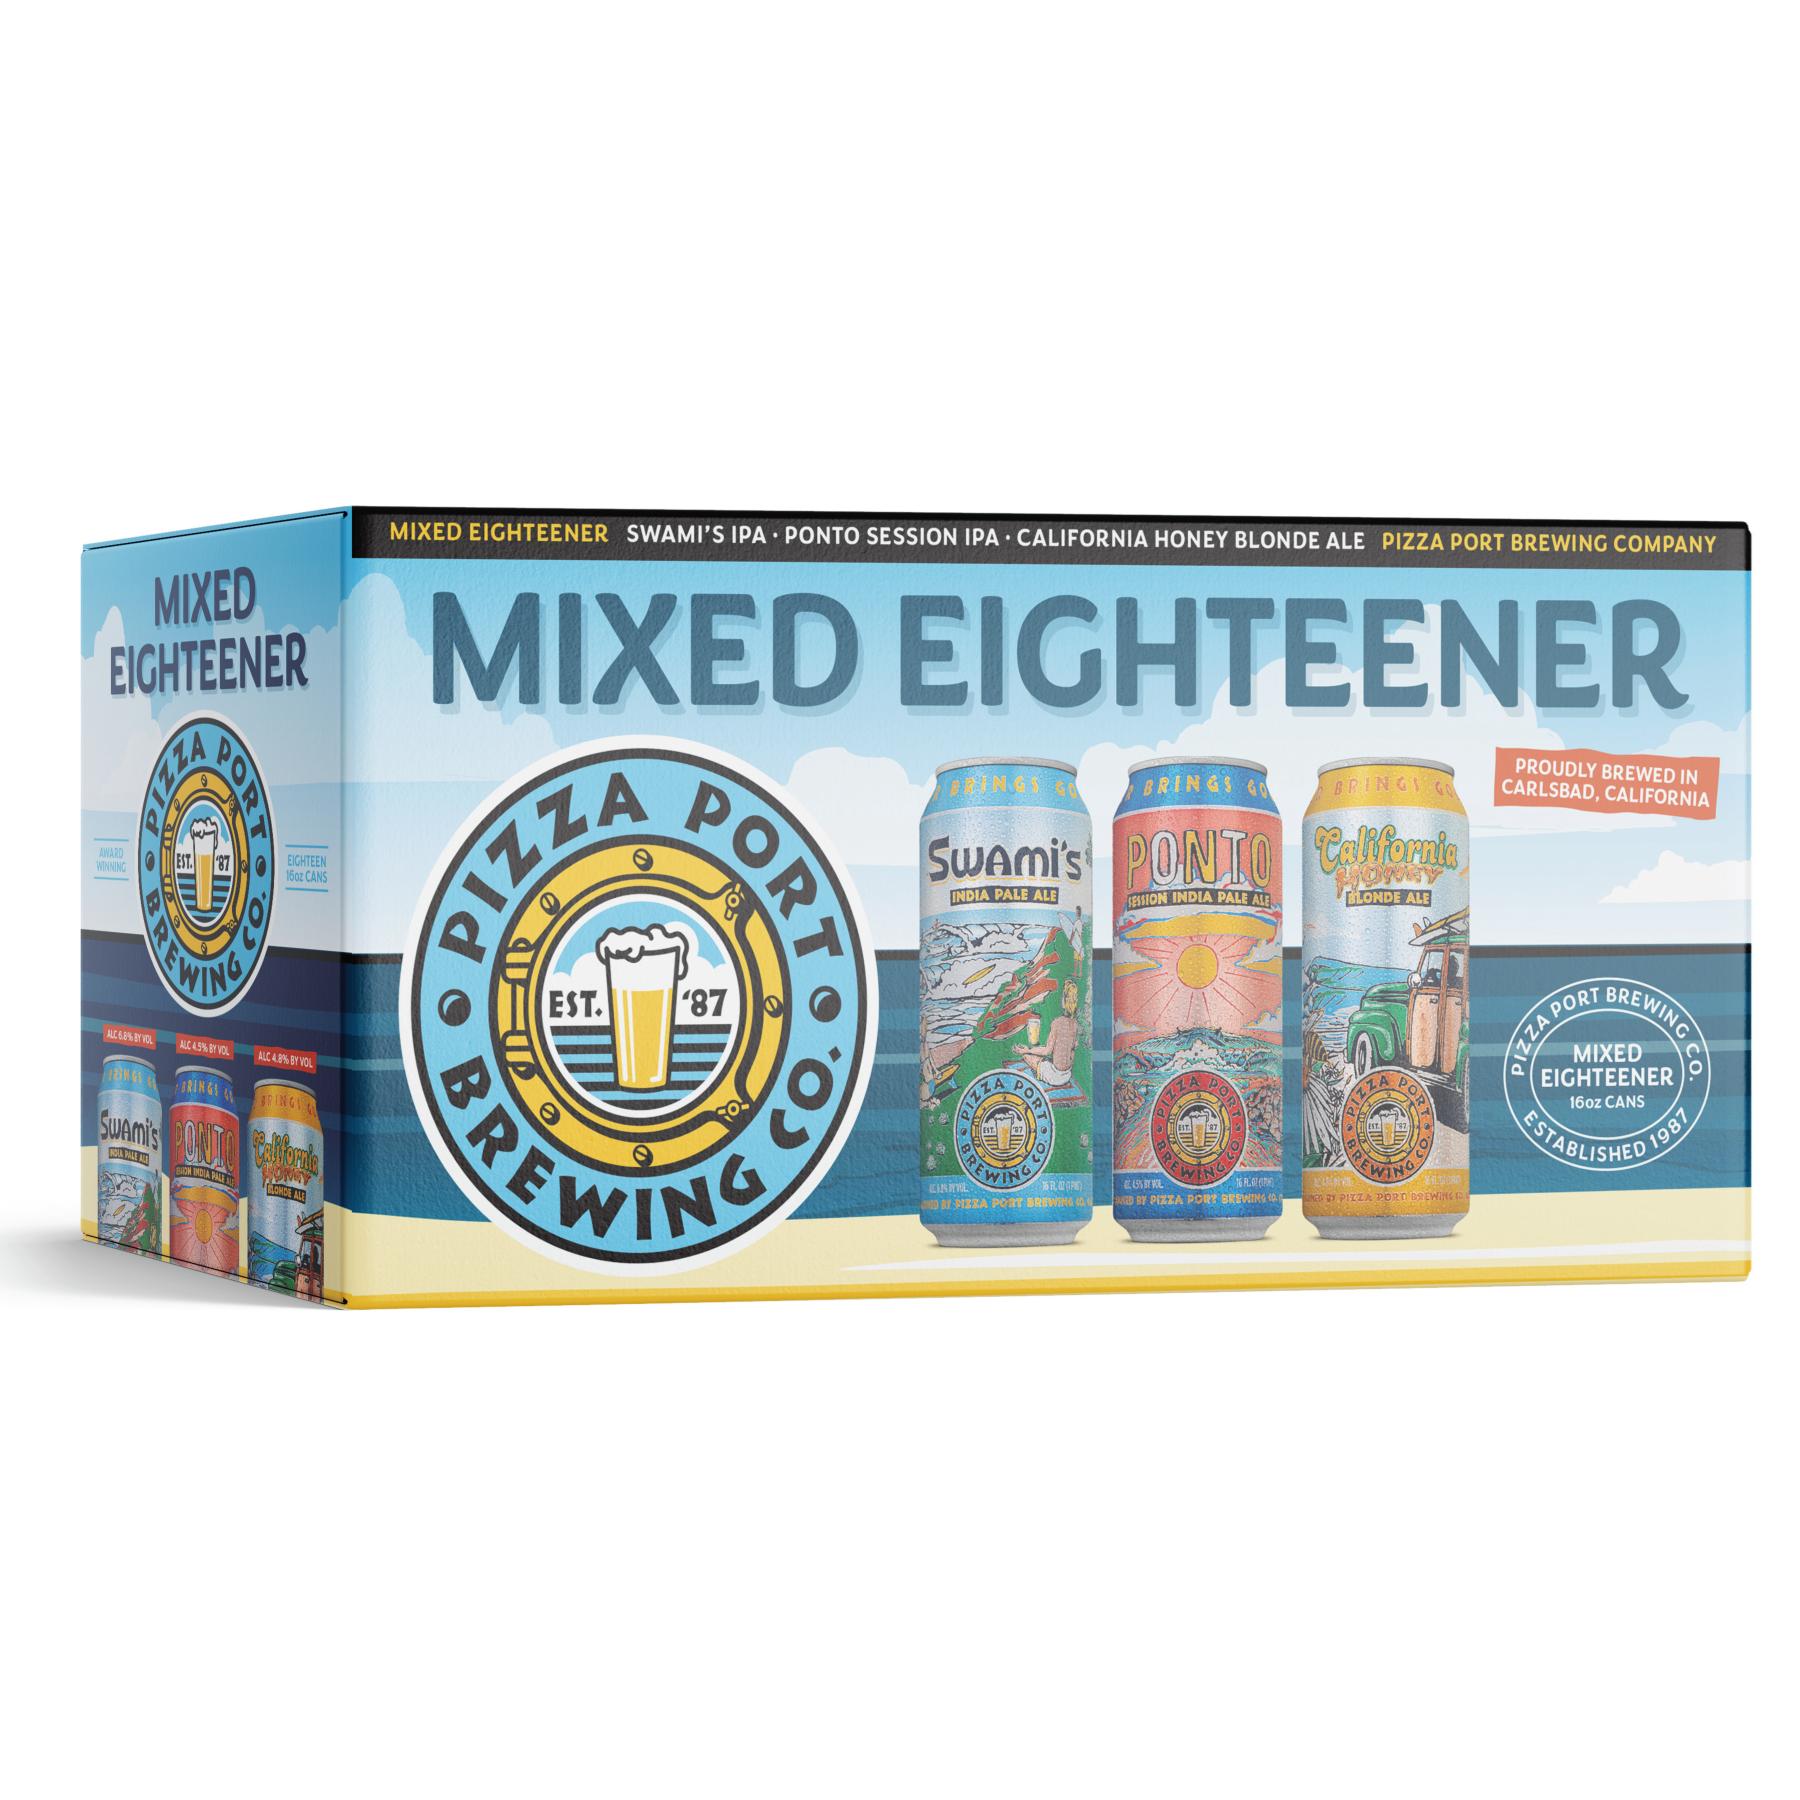 Mixed Eighteener